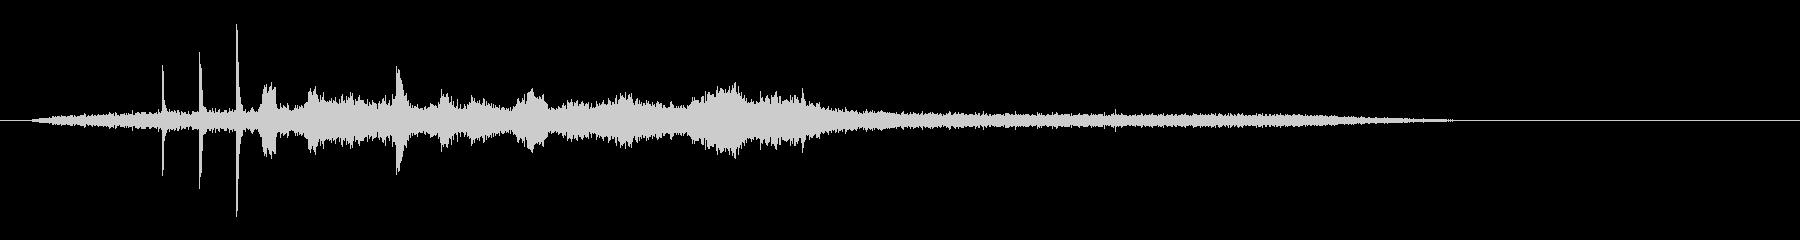 残響アリーナOver P.a.シス...の未再生の波形